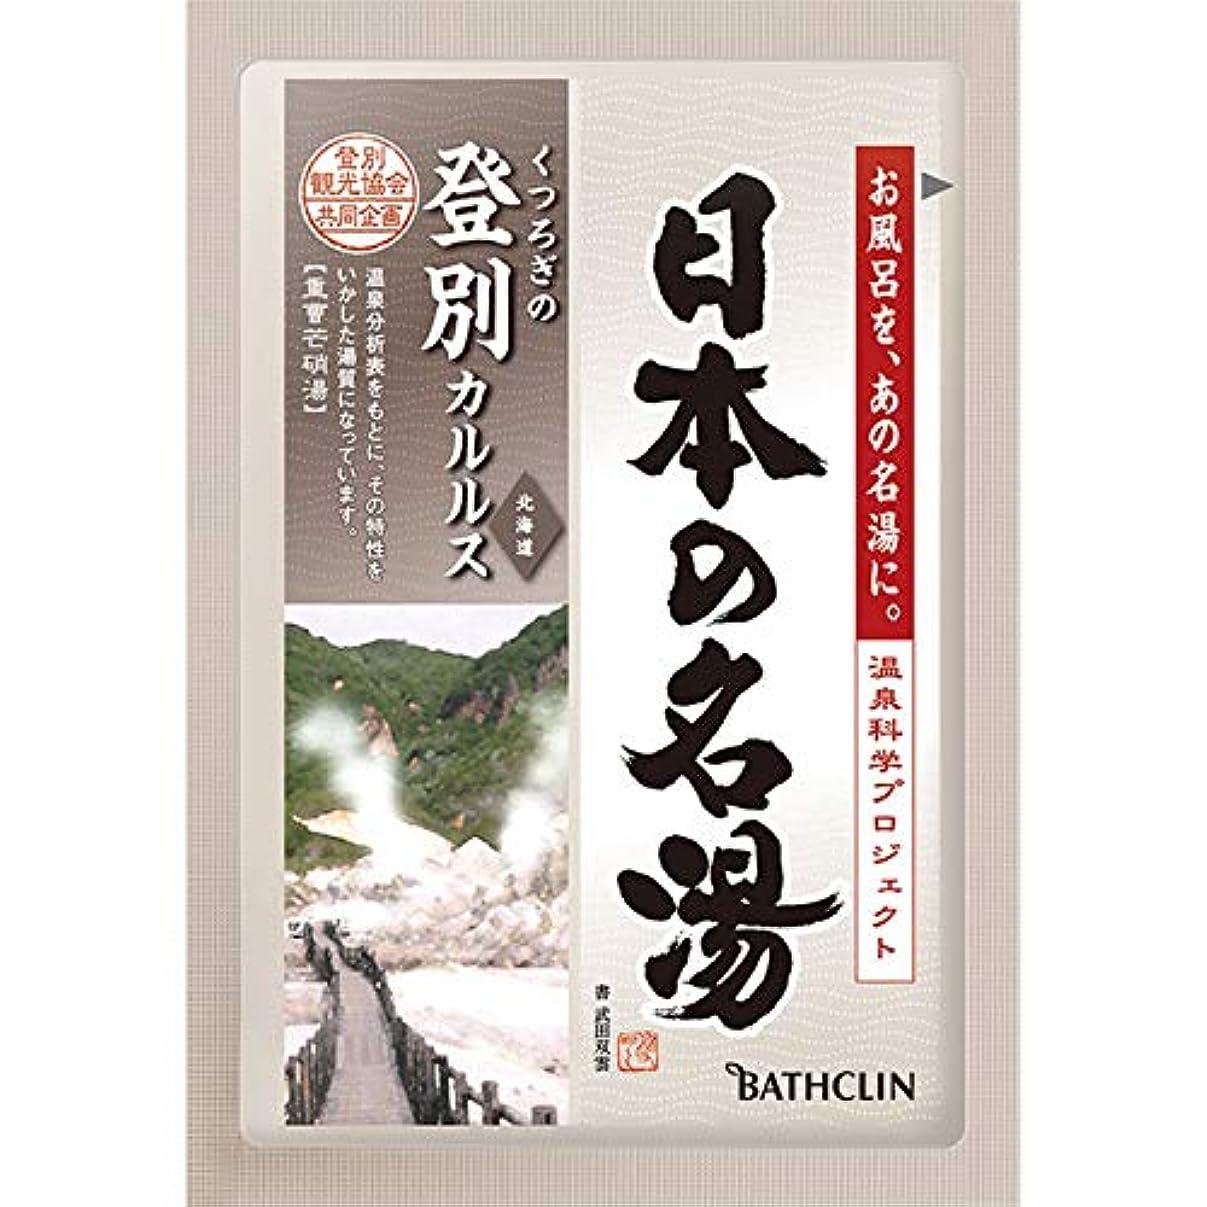 裁量トロリー記述するバスクリン 日本の名湯 登別カルルス 30g (医薬部外品)